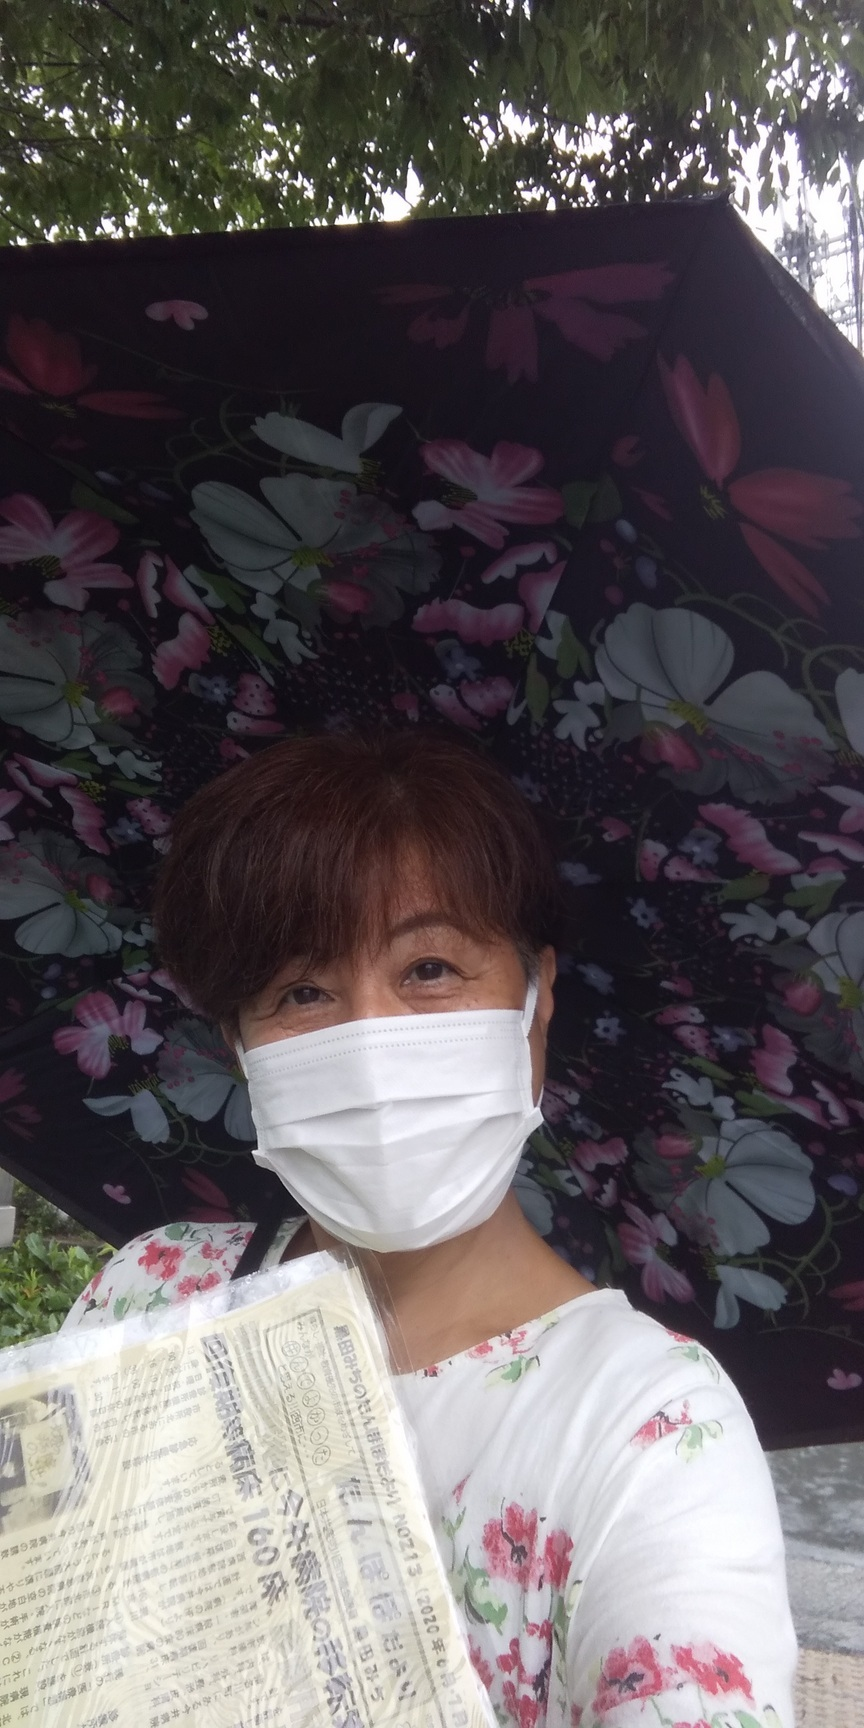 もの凄い雨☔️と風🌀病院前からまちかどカフェ🎤ご近所の皆さんにご協力いただいて🙇😊🙇_f0061067_23212959.jpg